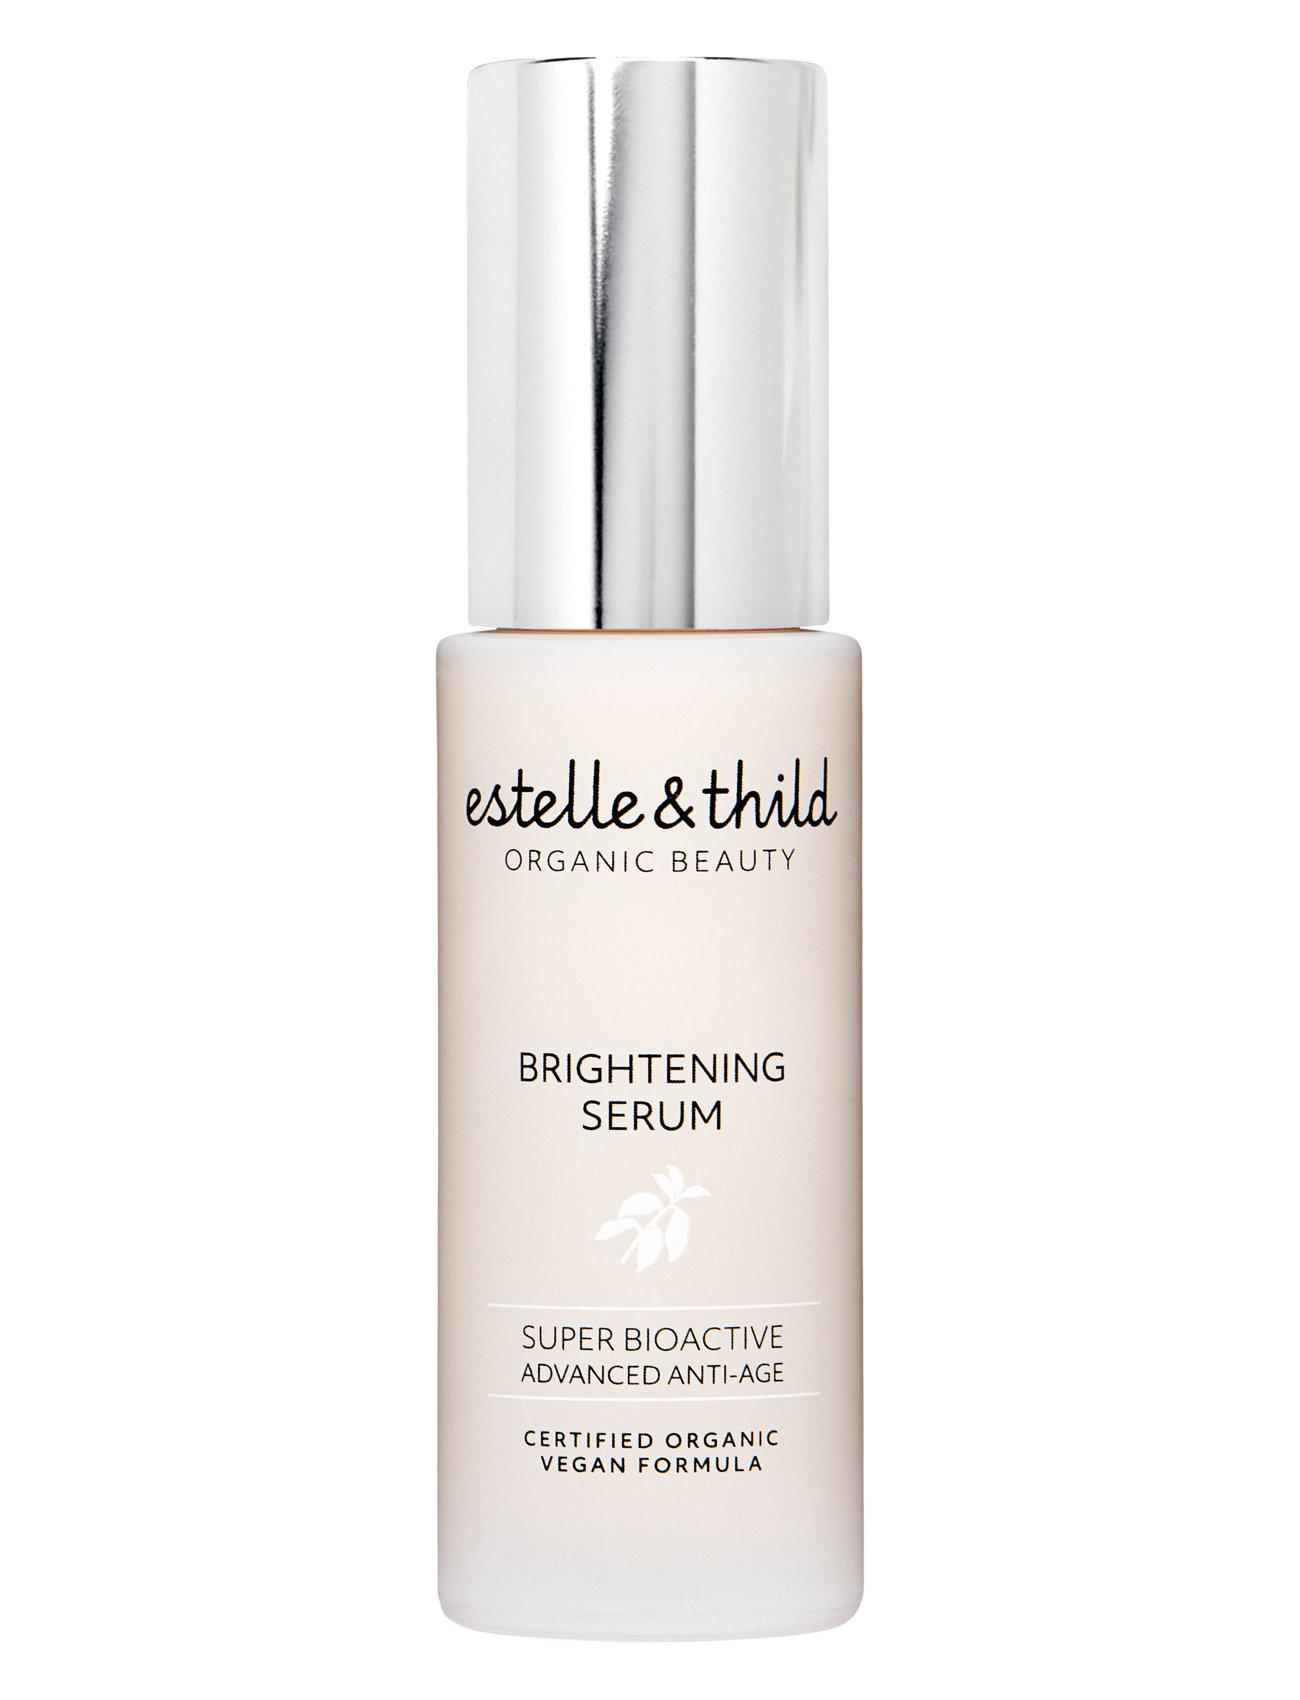 Super Bioactive Brightening Serum - Estelle & Thild